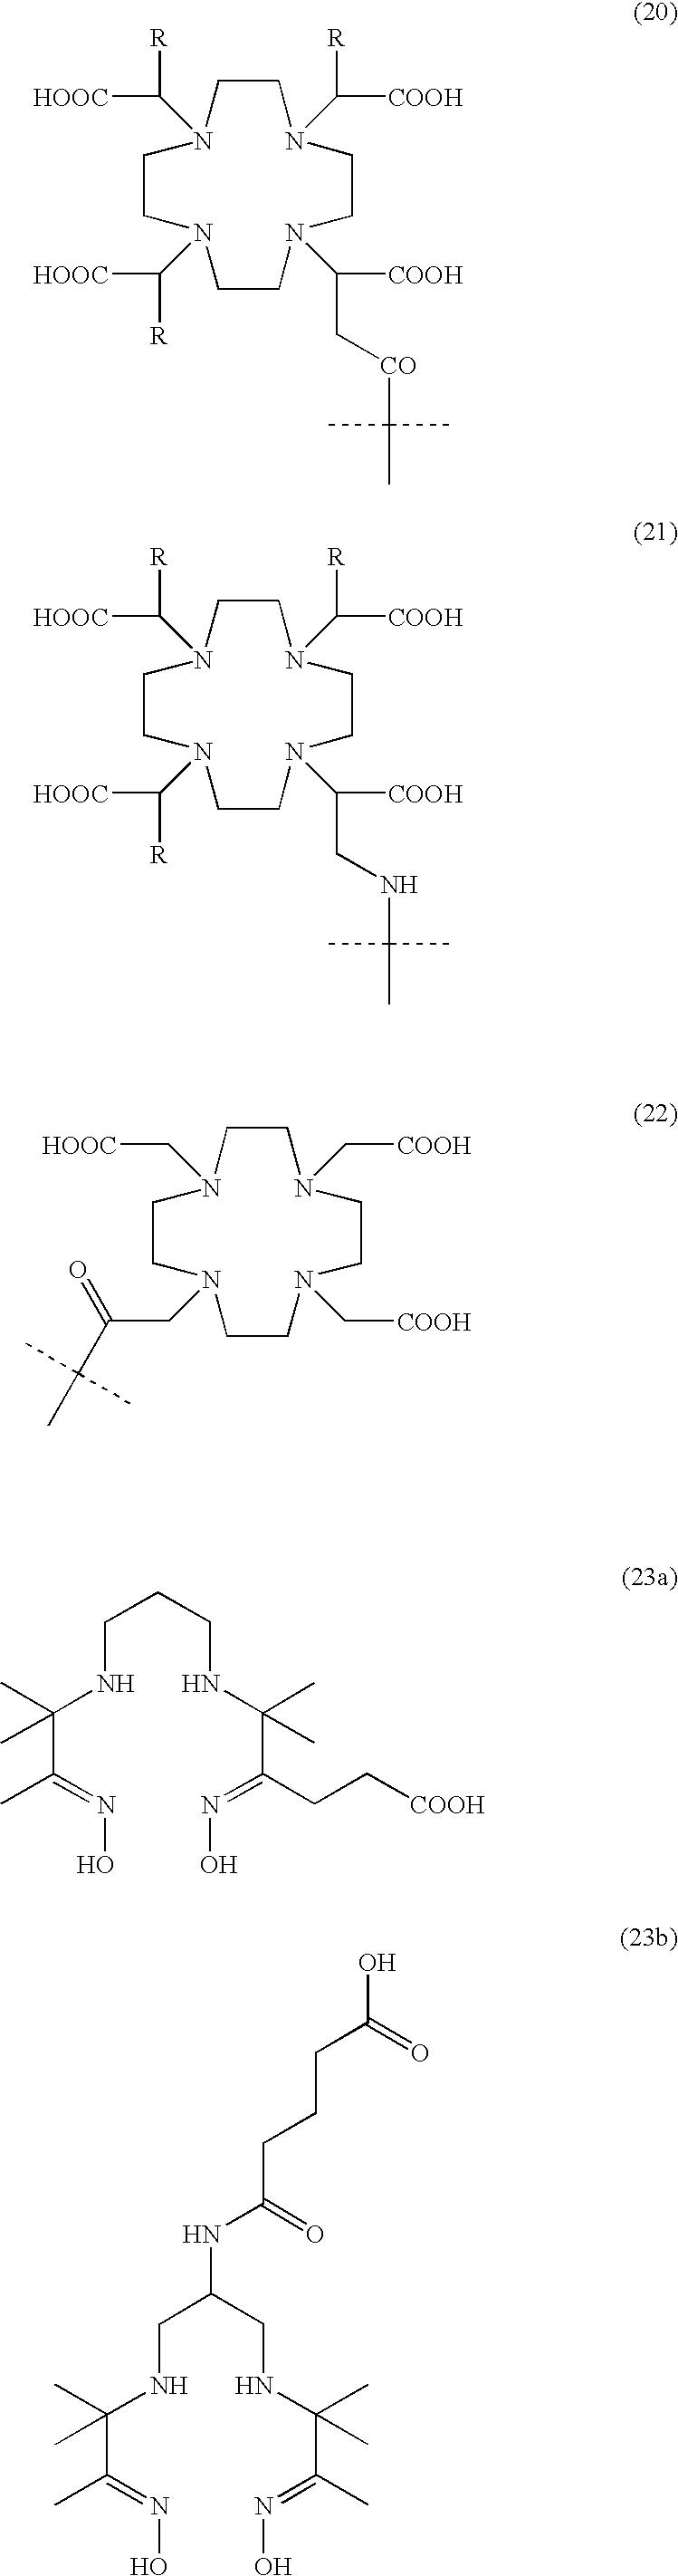 Figure US07261876-20070828-C00015